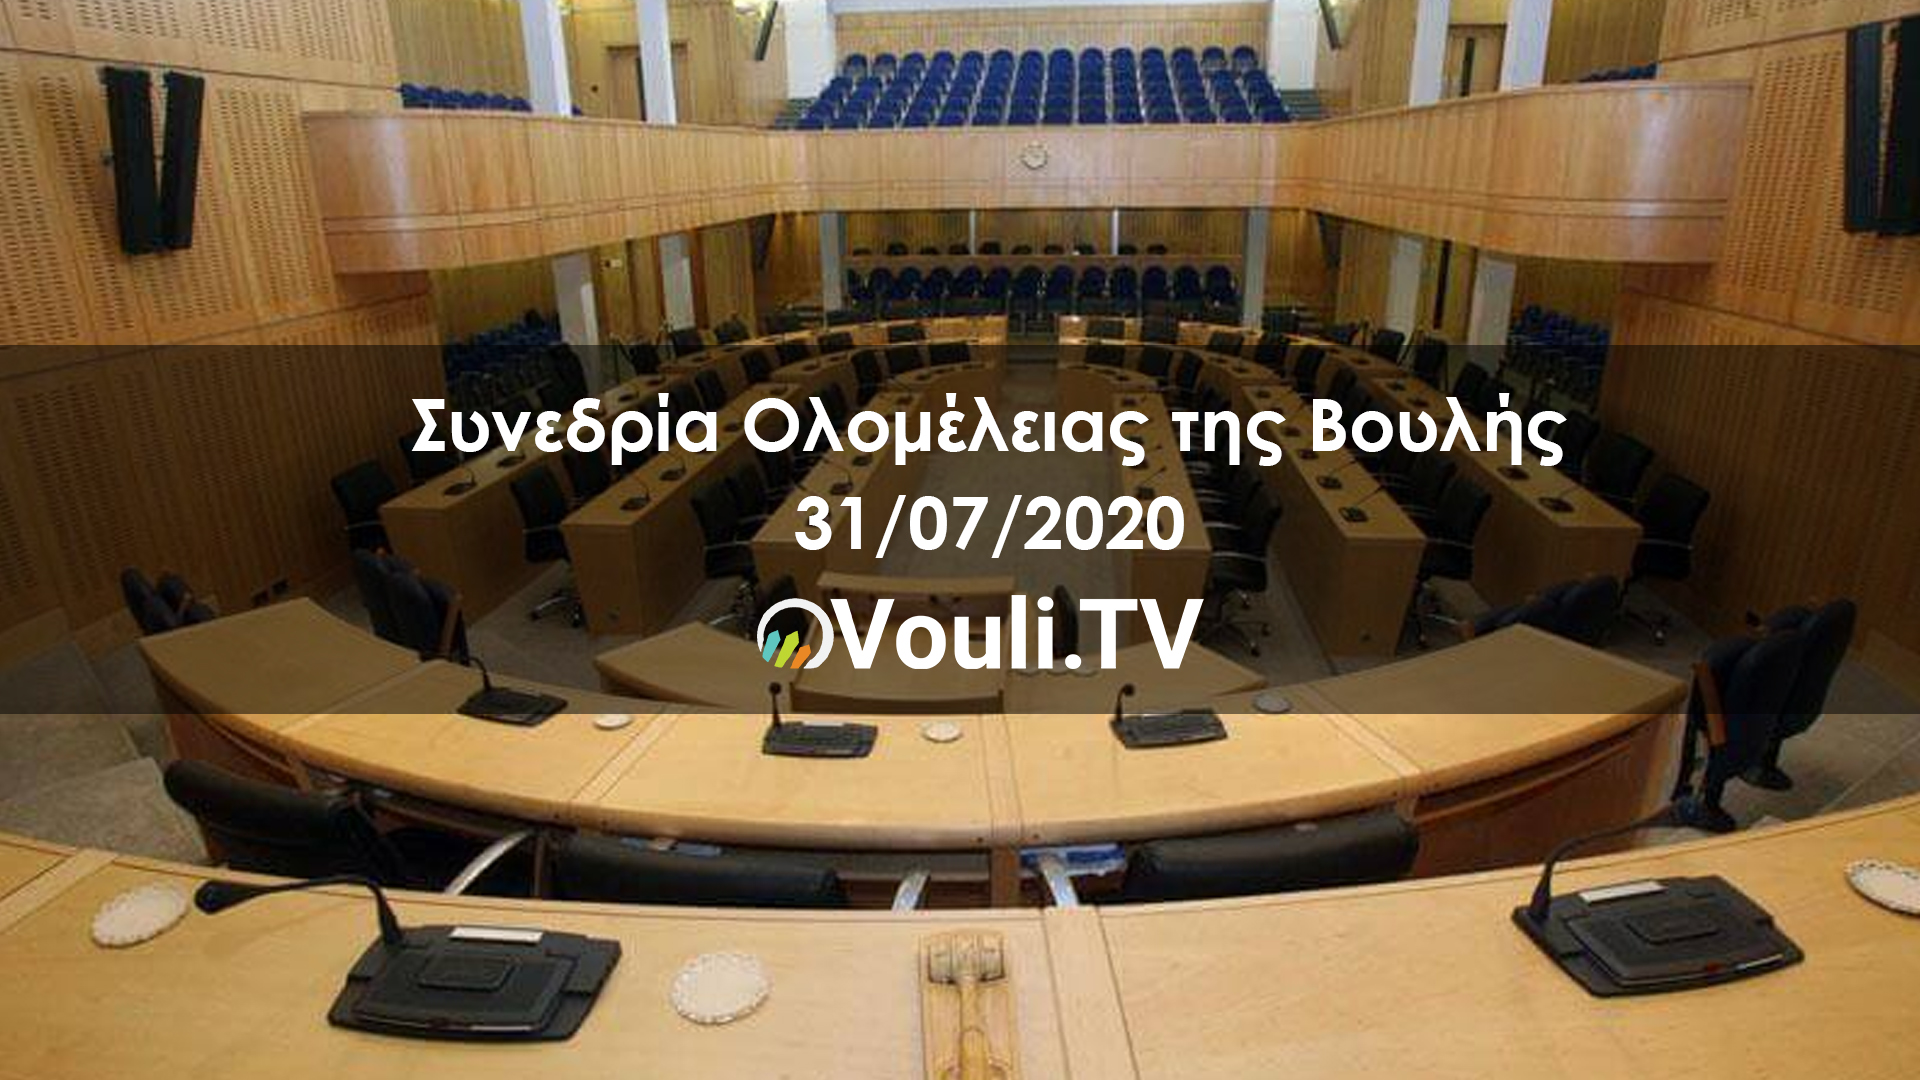 Συνεδρία Ολομέλειας της Βουλής, 31/07/2020